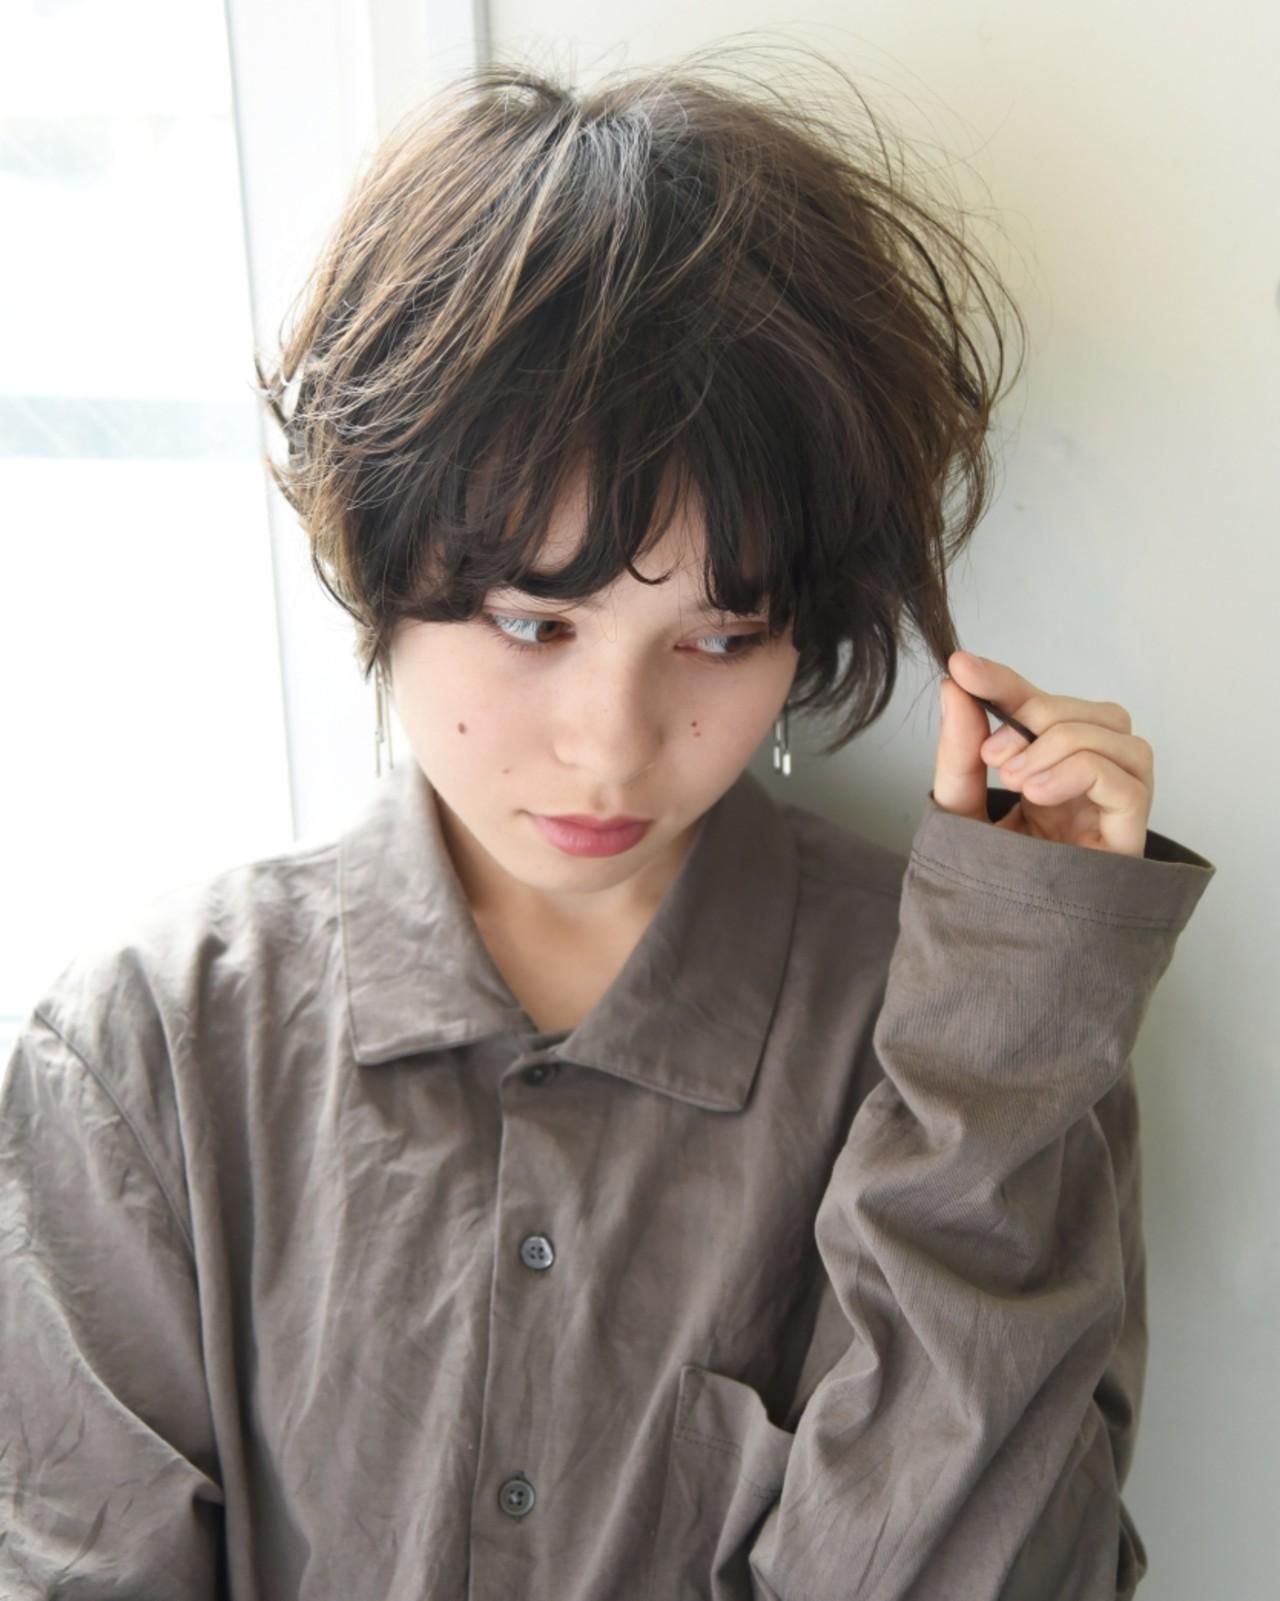 ナチュラル 前髪あり パーマ 色気 ヘアスタイルや髪型の写真・画像